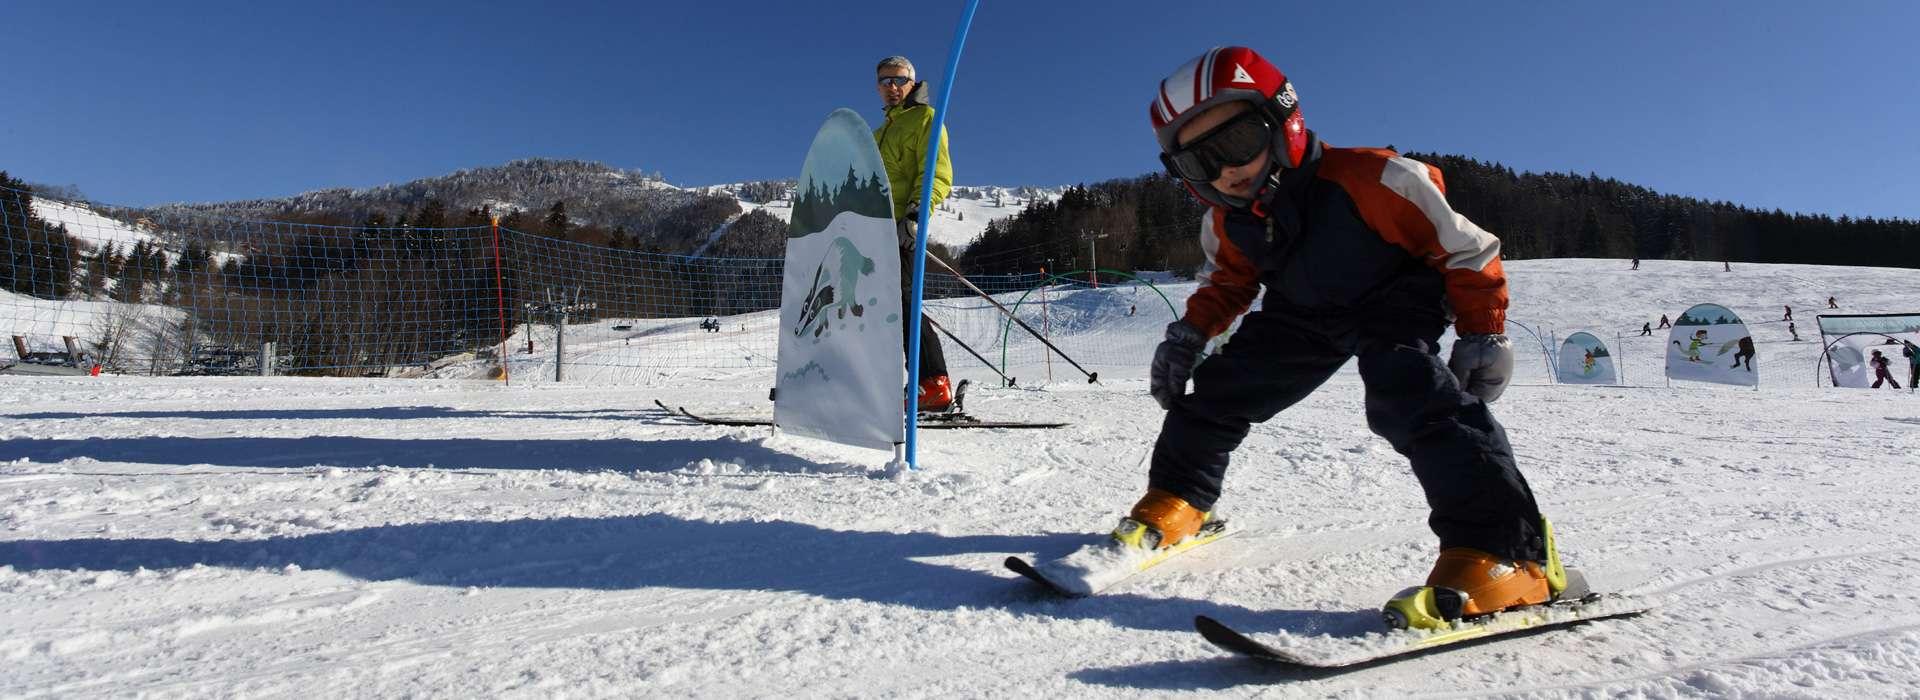 Espace ludique ski Haute-Savoie